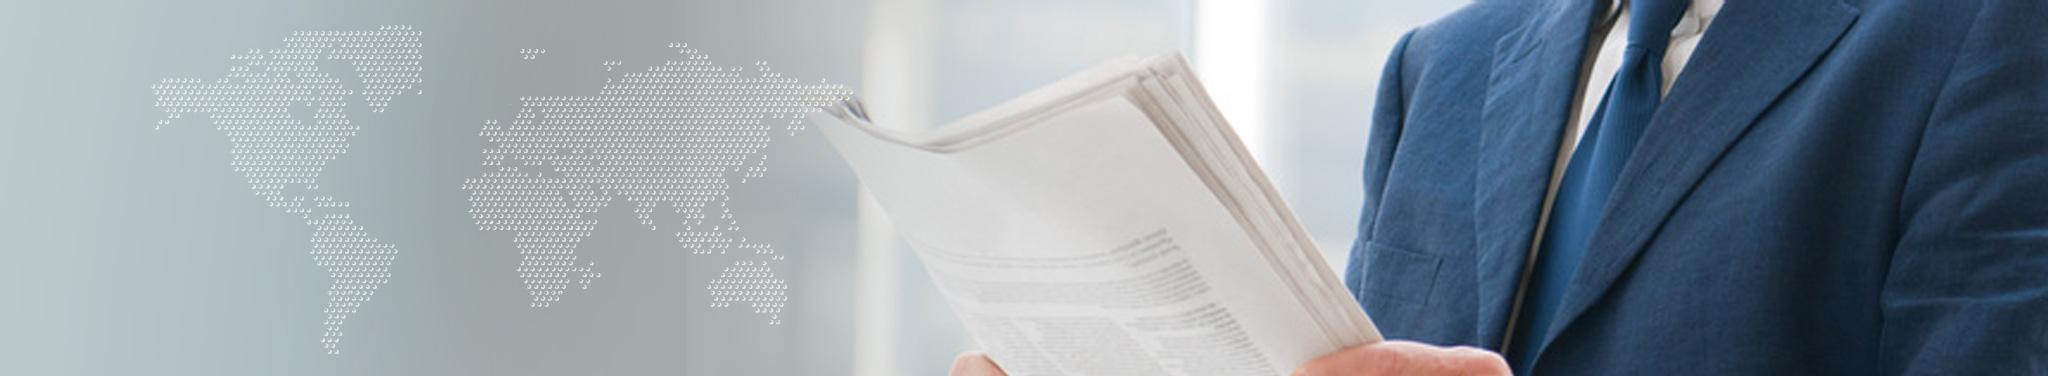 Mann im blauen Anzug liest Zeitung